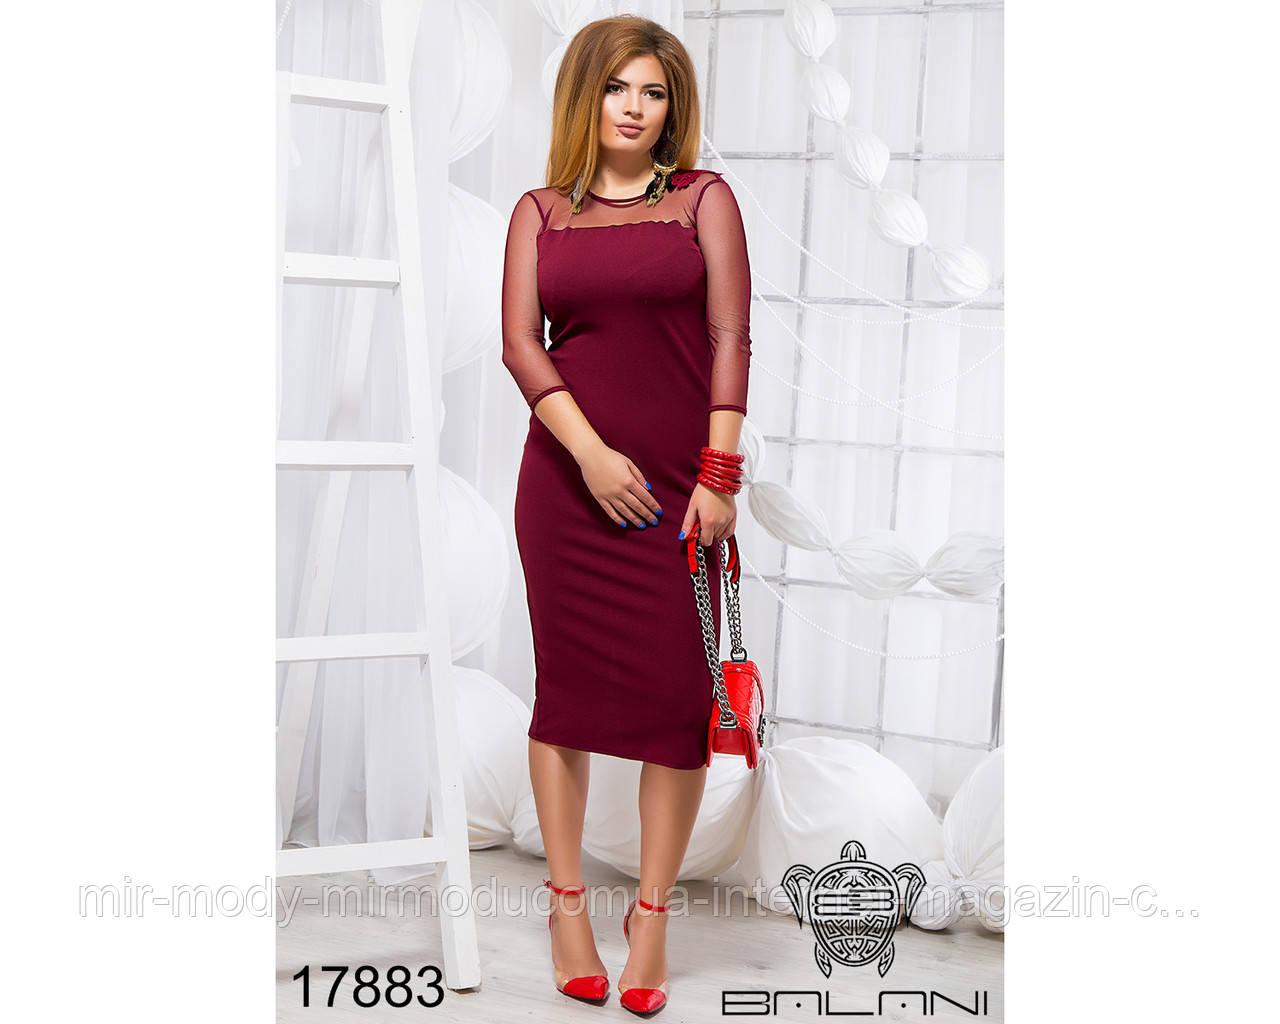 Элегантное платье - 17883 (б-ни)